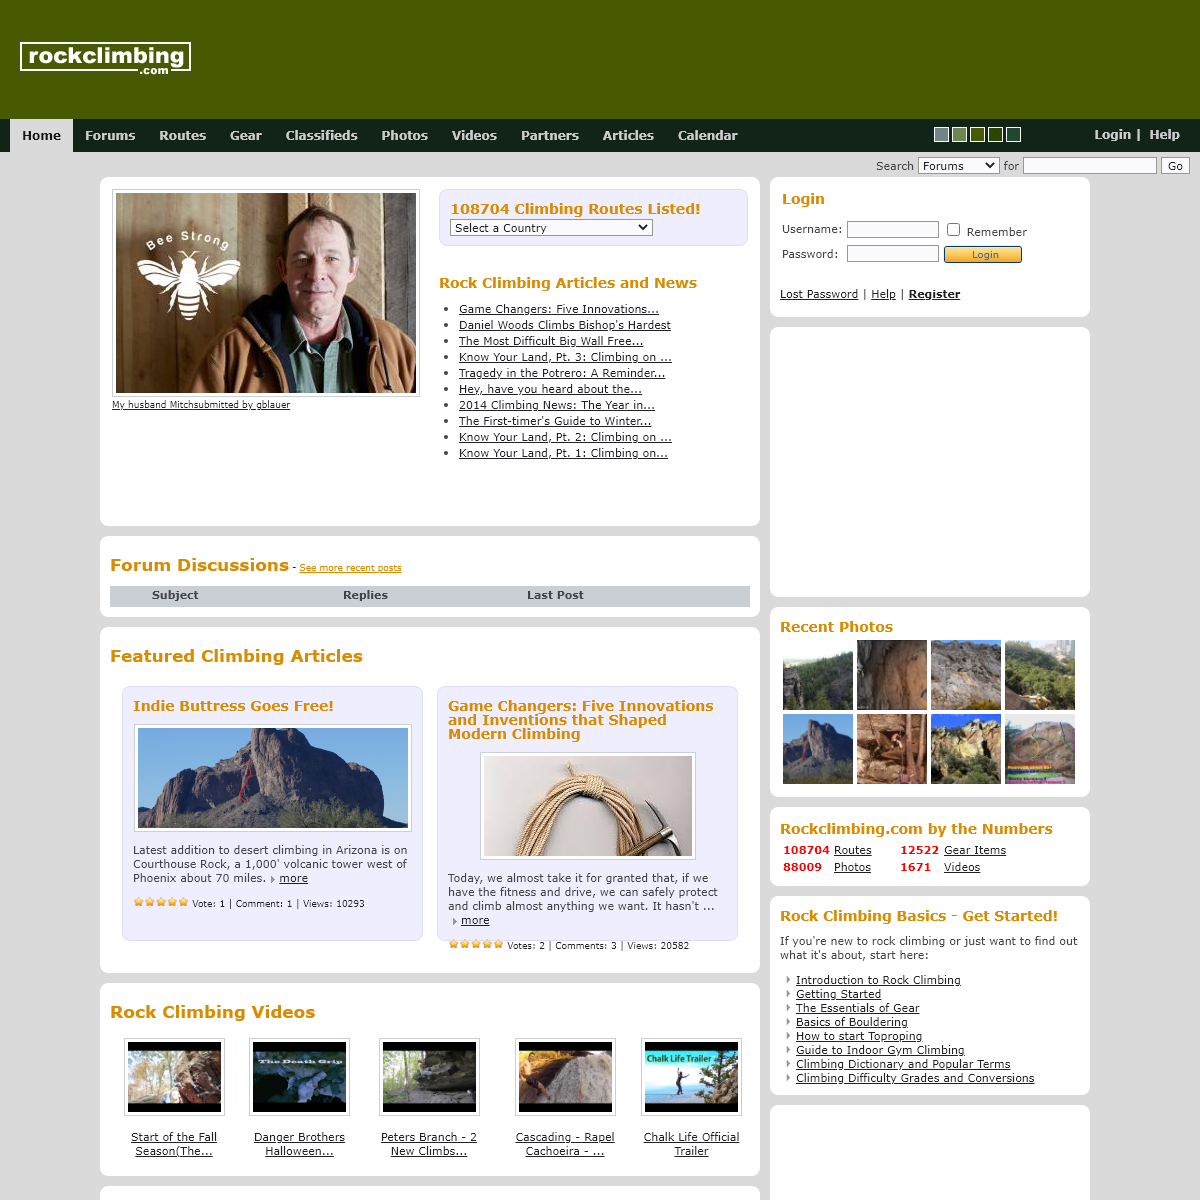 Rock Climbing Routes, Gear, Photos, Videos & Articles - Rockclimbing.com